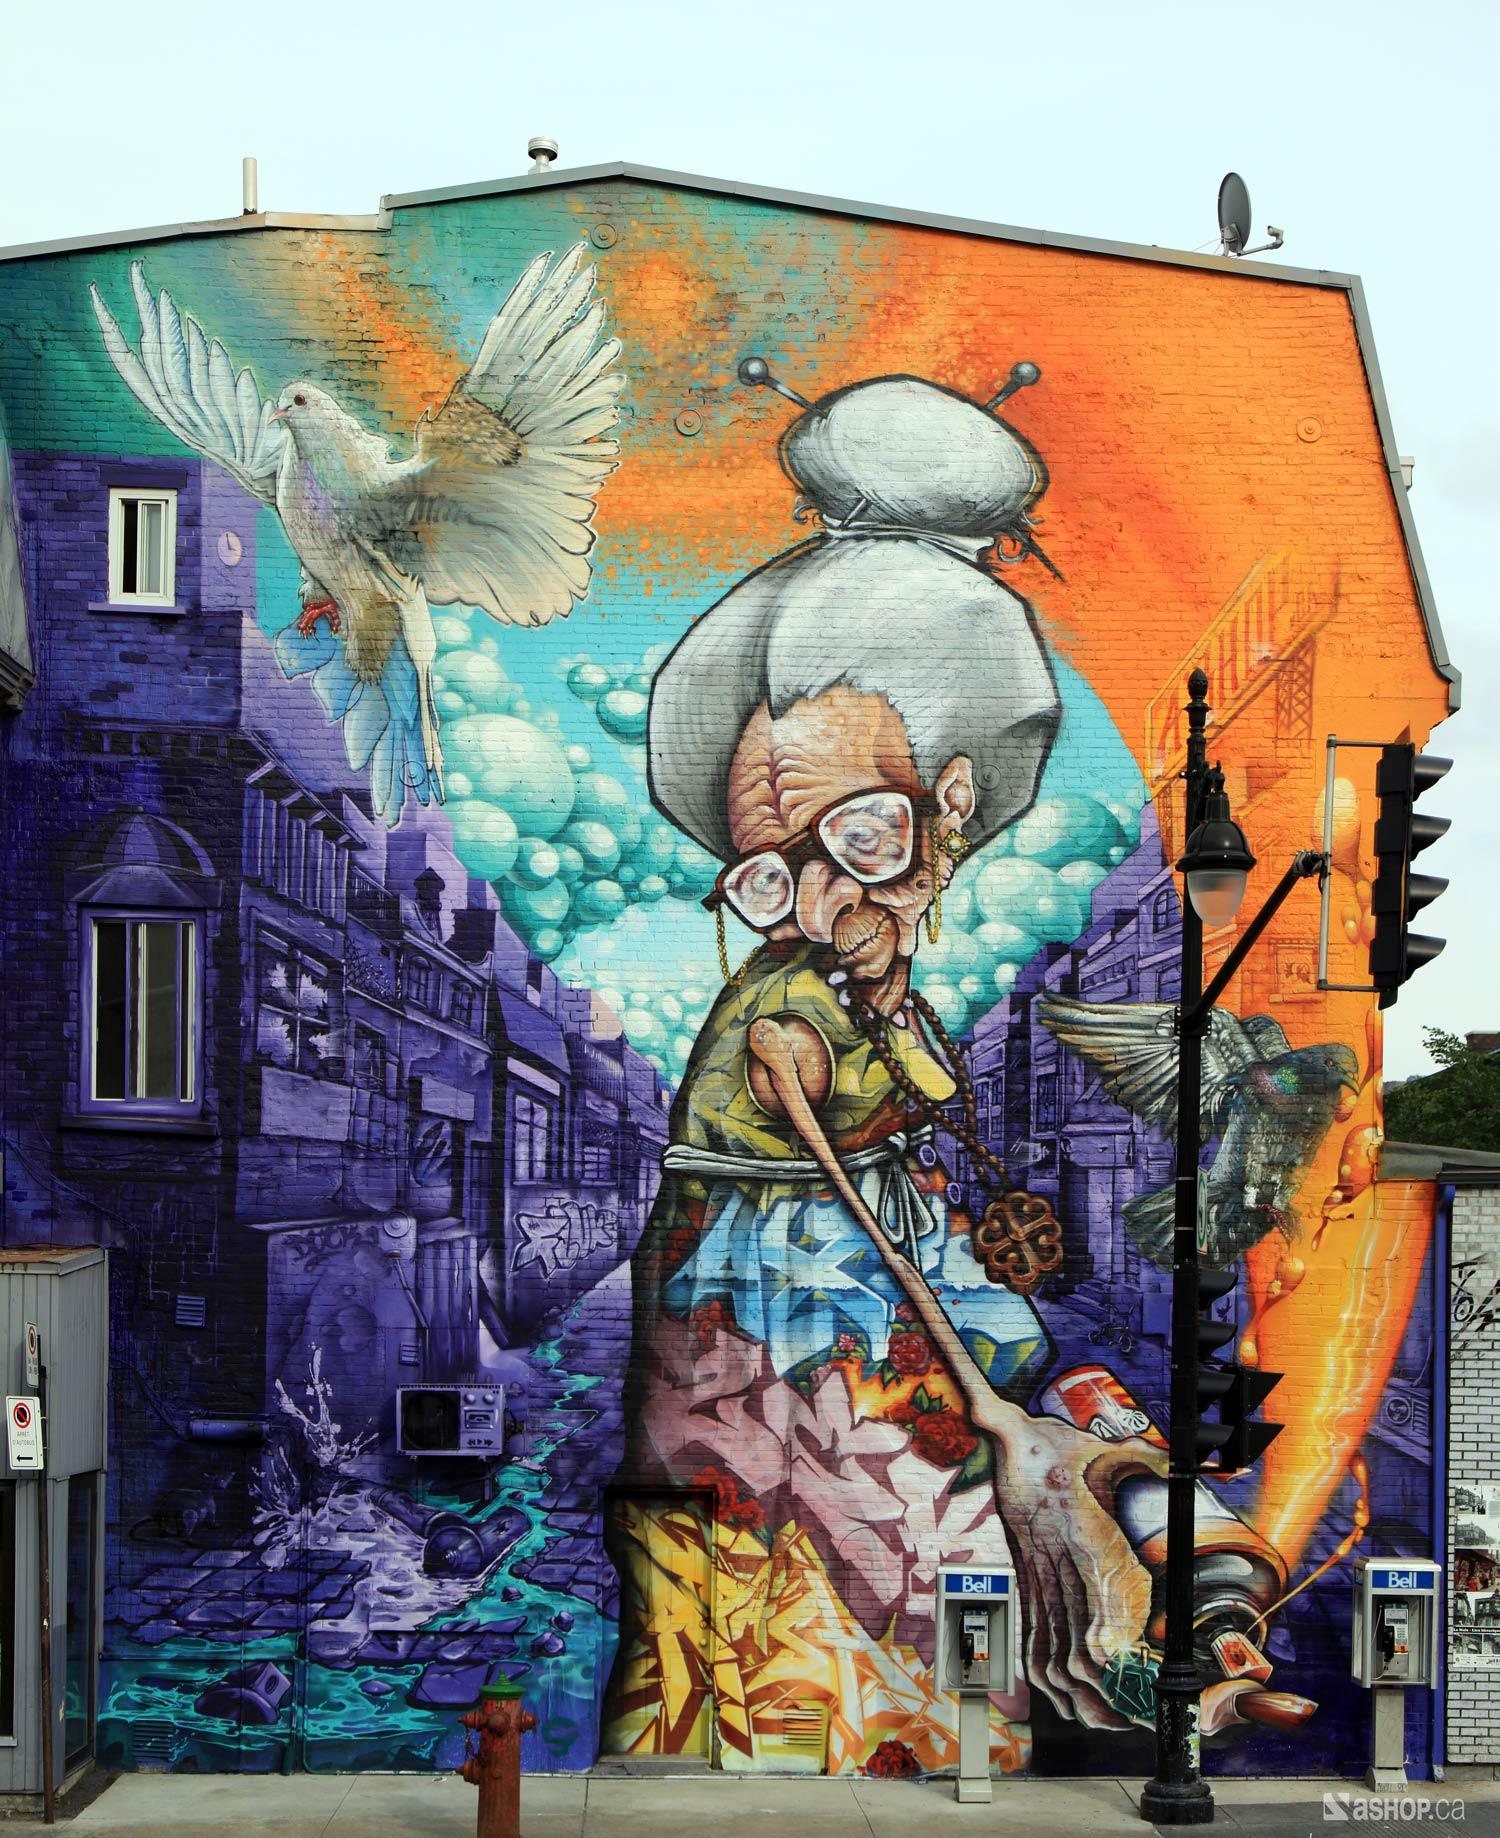 Granny Graffiti